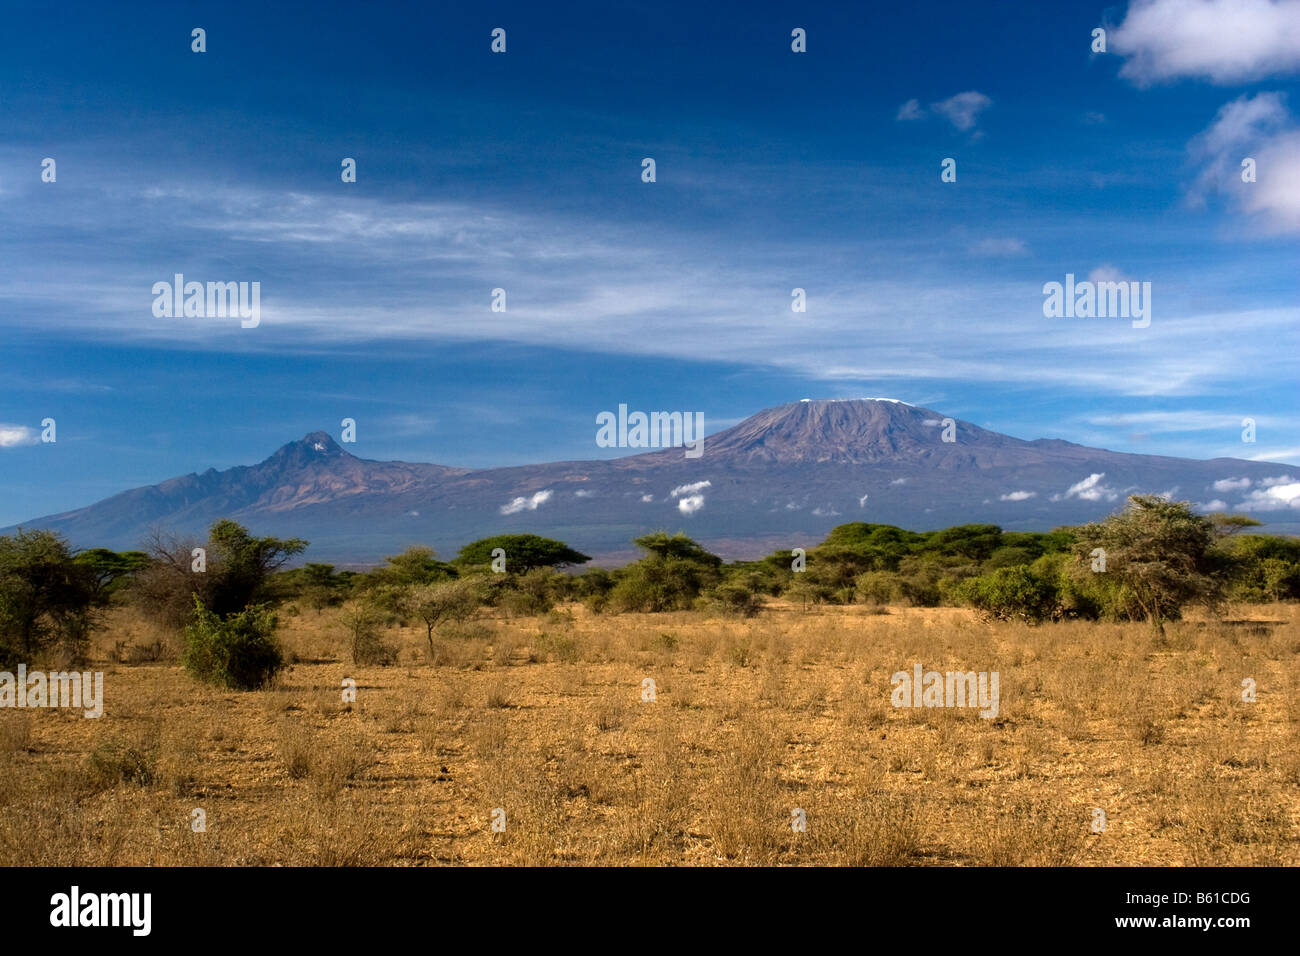 Mount Kilimanjaro Kenya - Stock Image